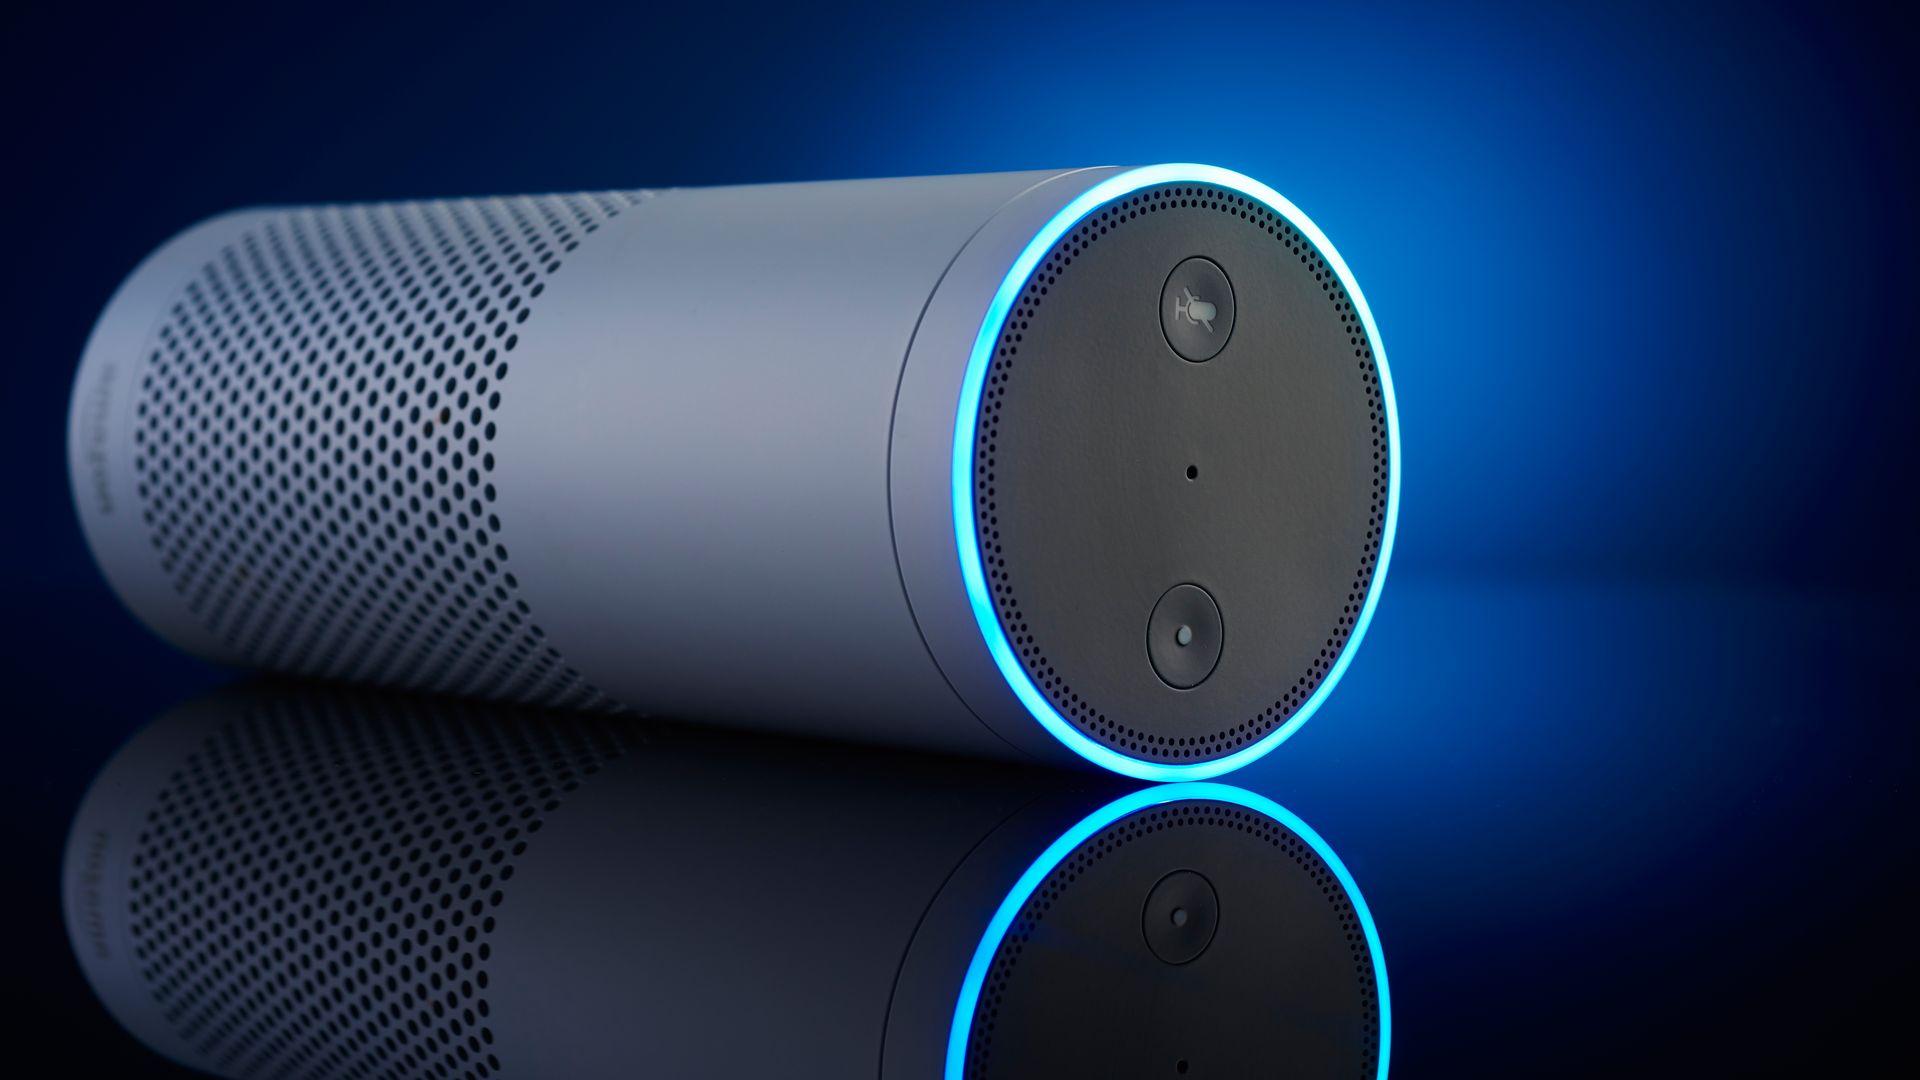 An Echo speaker against a blue backdrop